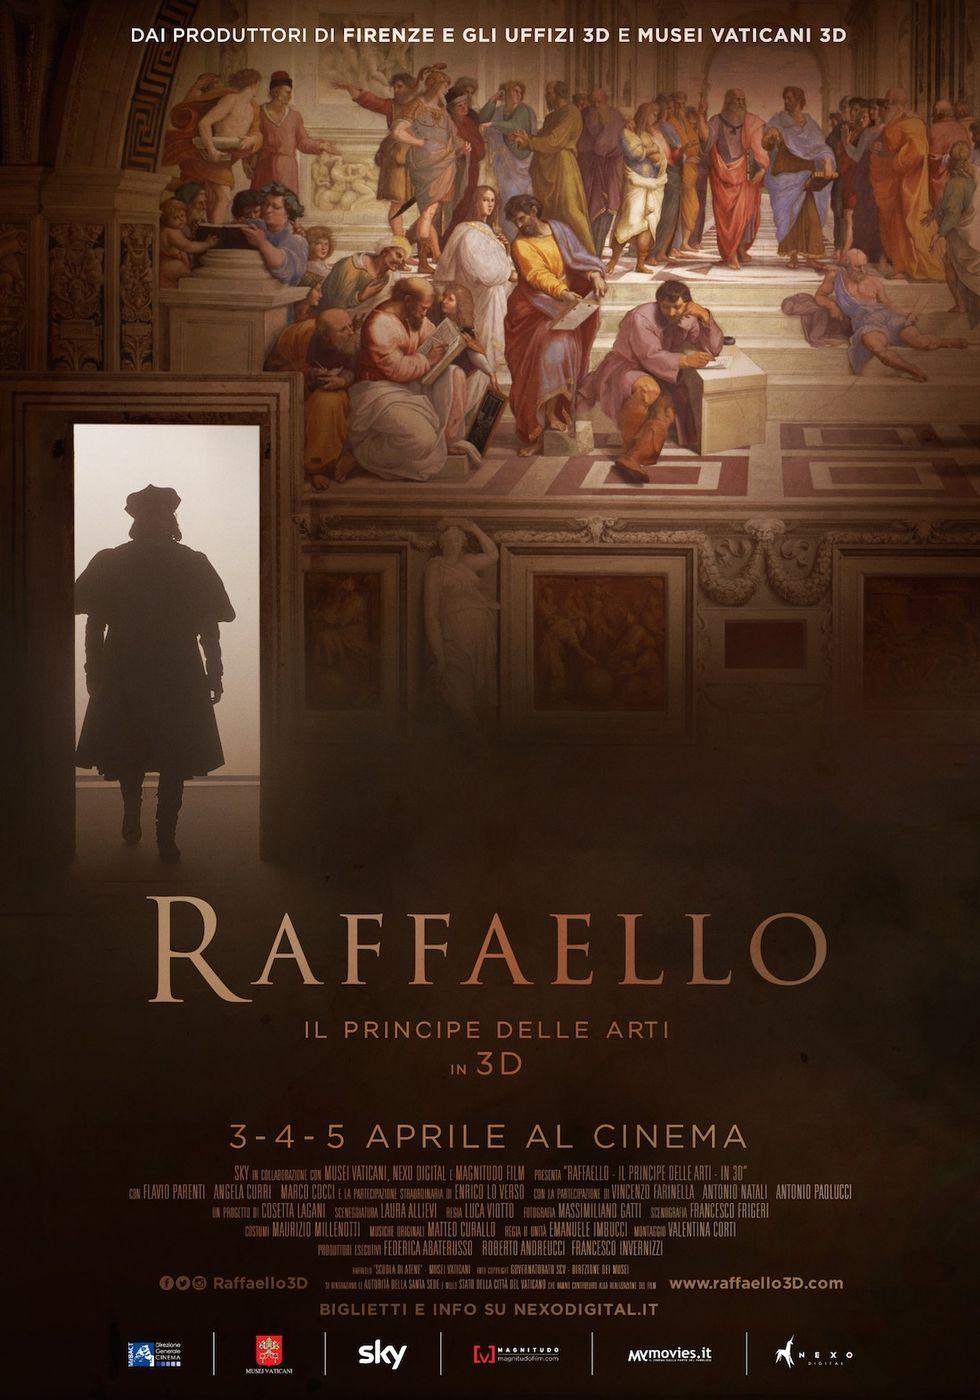 Raffaello - Il principe delle arti in 3D